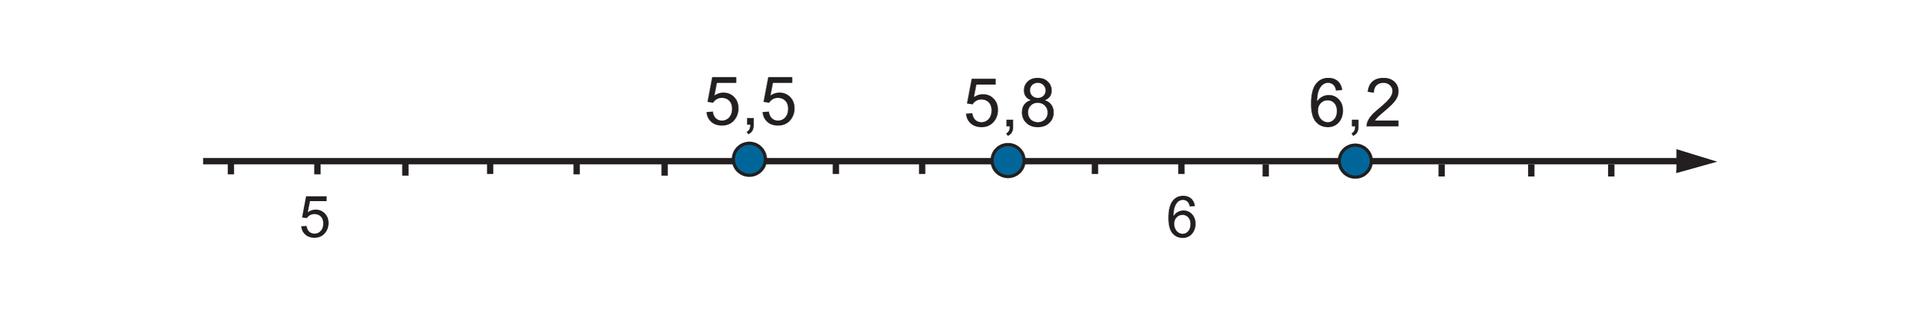 """""""Rysunek osi liczbowej zzaznaczonymi punktami 5,5"""